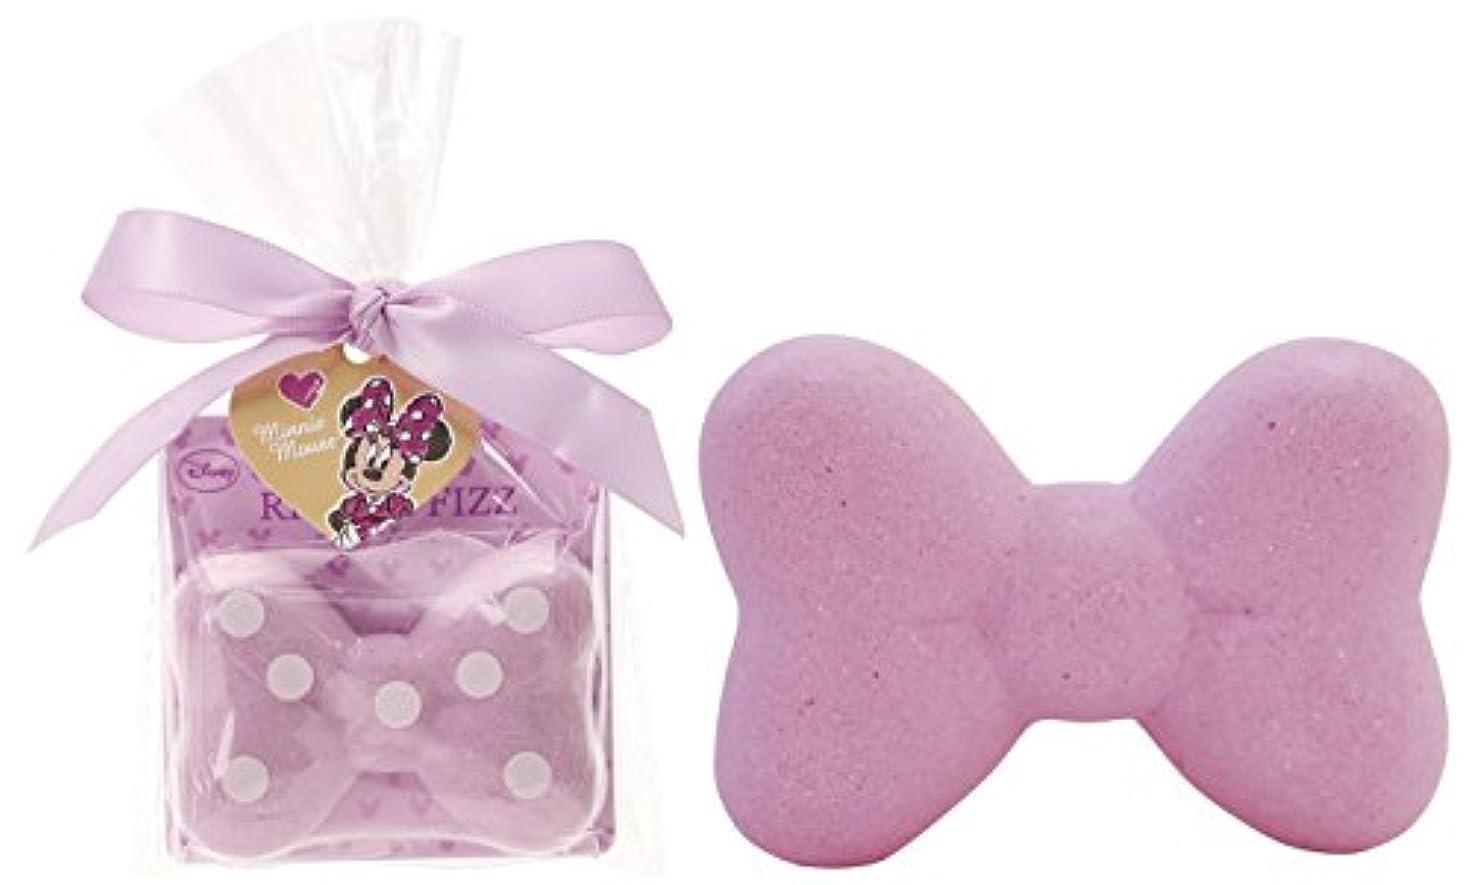 運ぶ精神竜巻ディズニー 入浴剤 ミニーマウス リボン バスフィズ 30g マイルドラベンダーの香り DIP-82-03